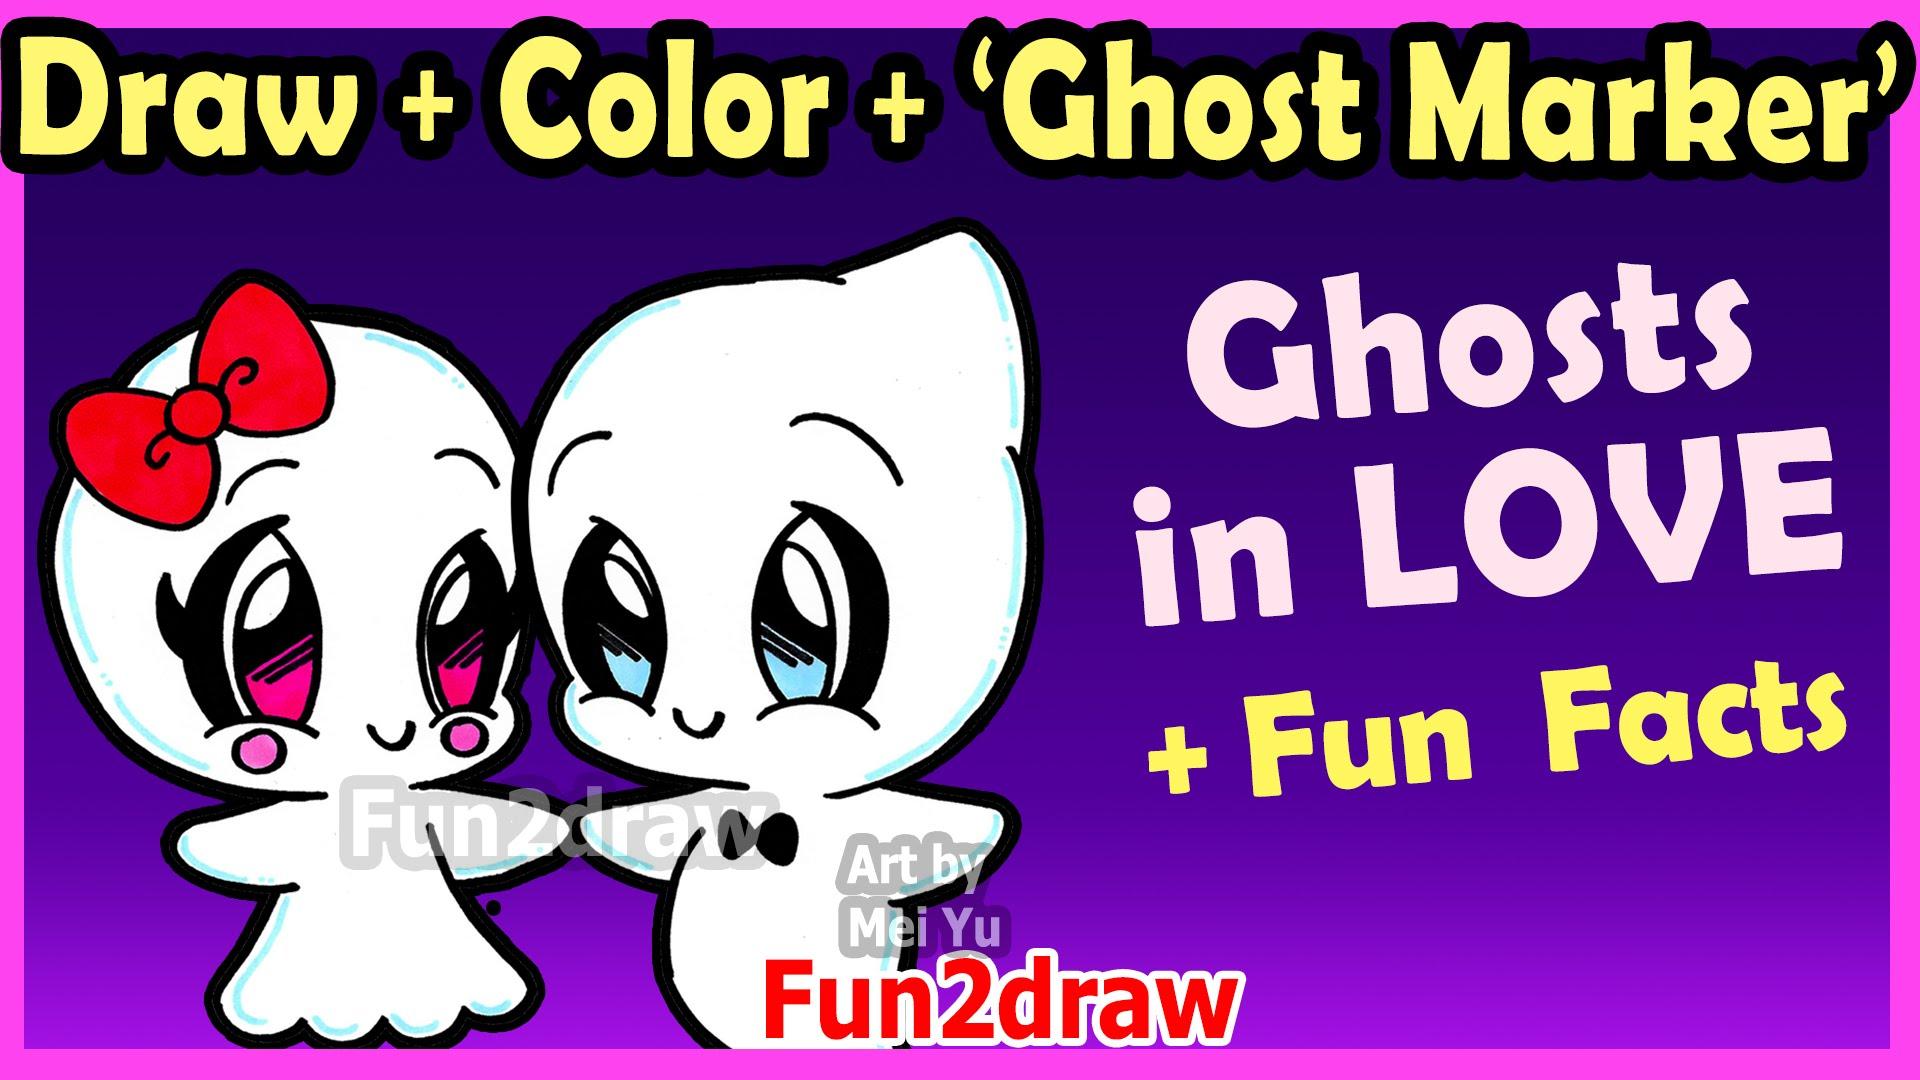 Drawn pumpkin fun2draw In Draw to Ghost Couple